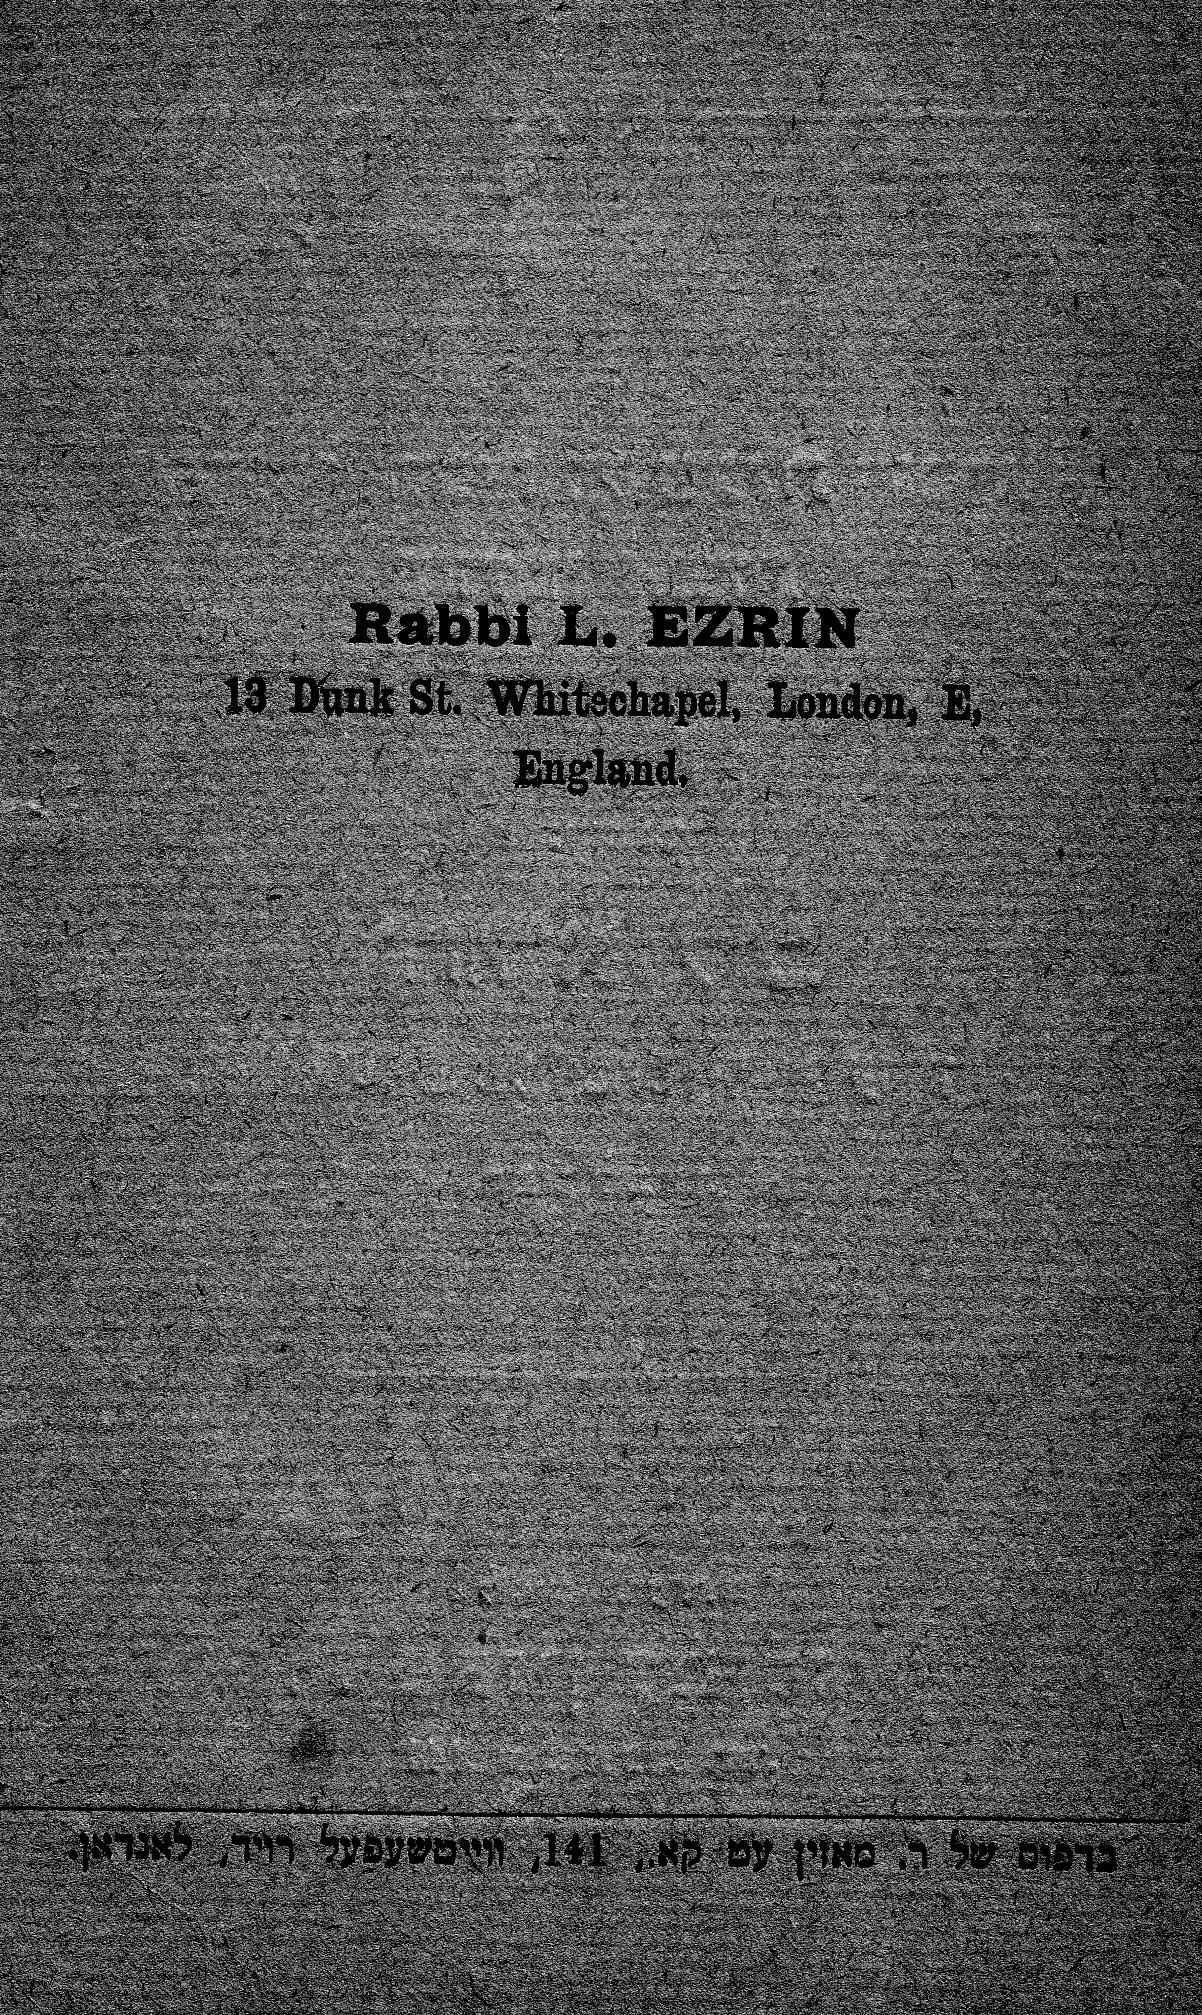 8f Ezrin_0006